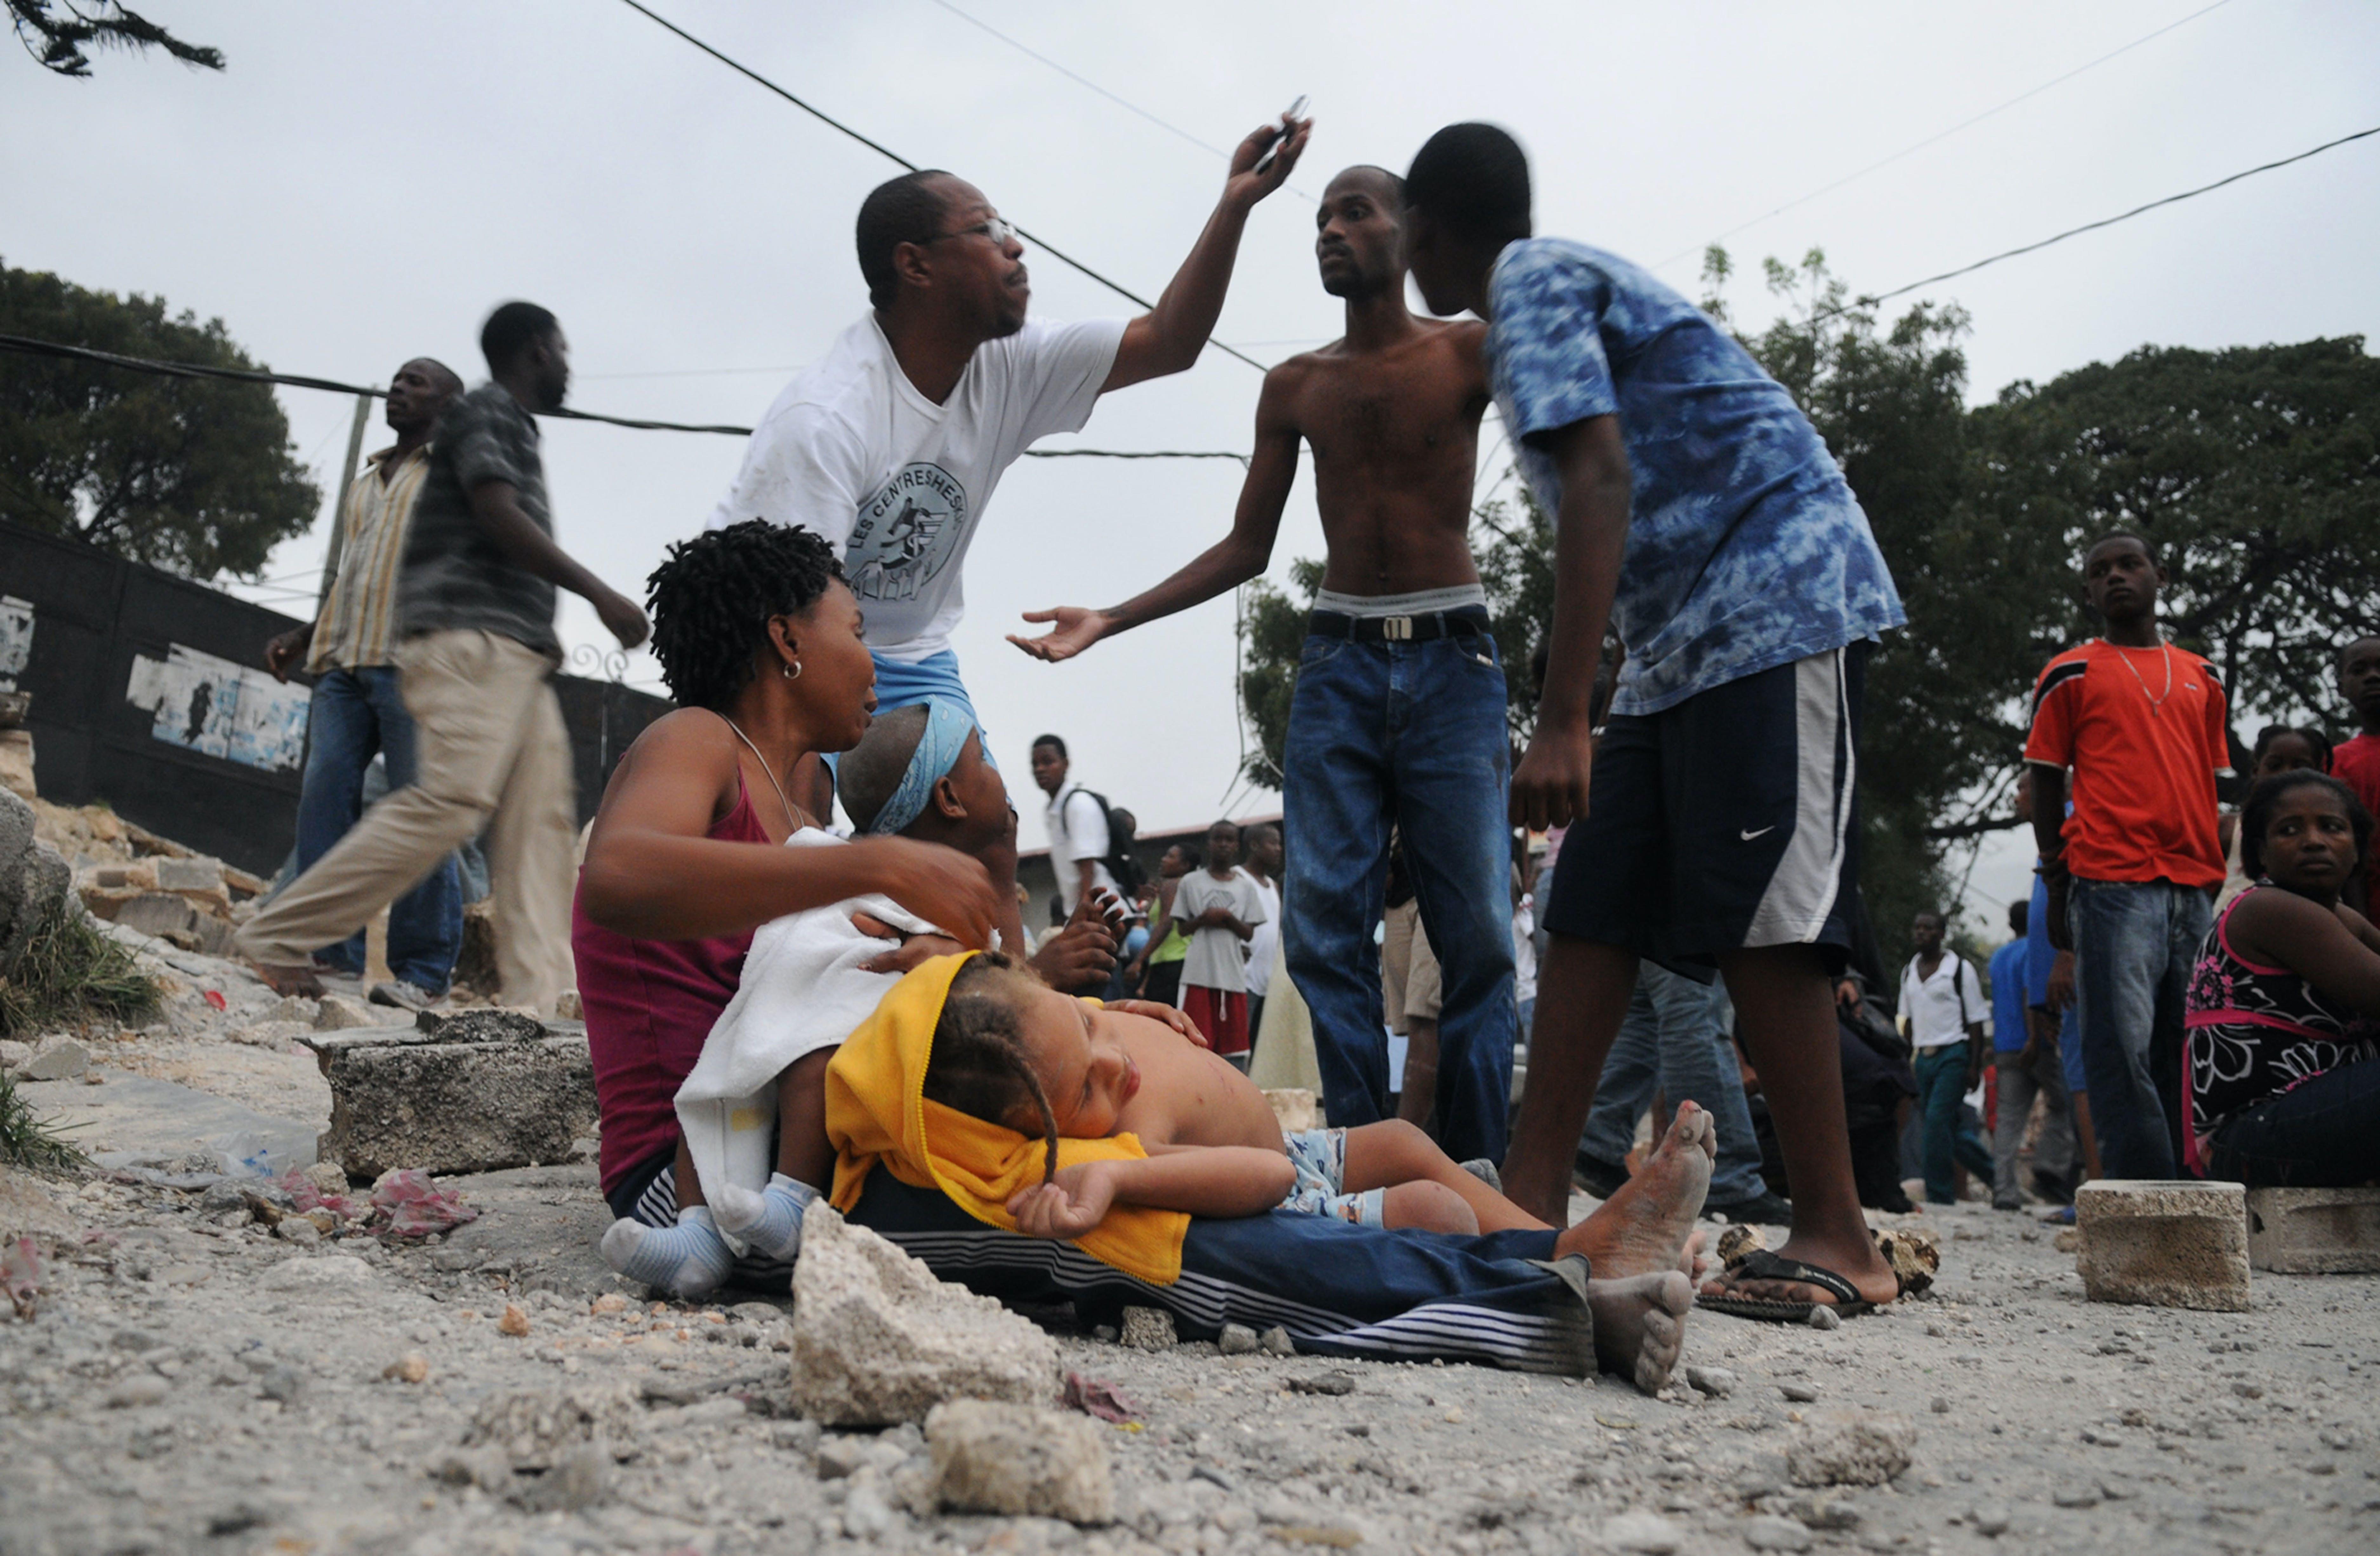 2010, terremoto ad Haiti: una scossa di magnitudo 7 provoca quasi 160 000 morti e più di 1 milione di sfollati